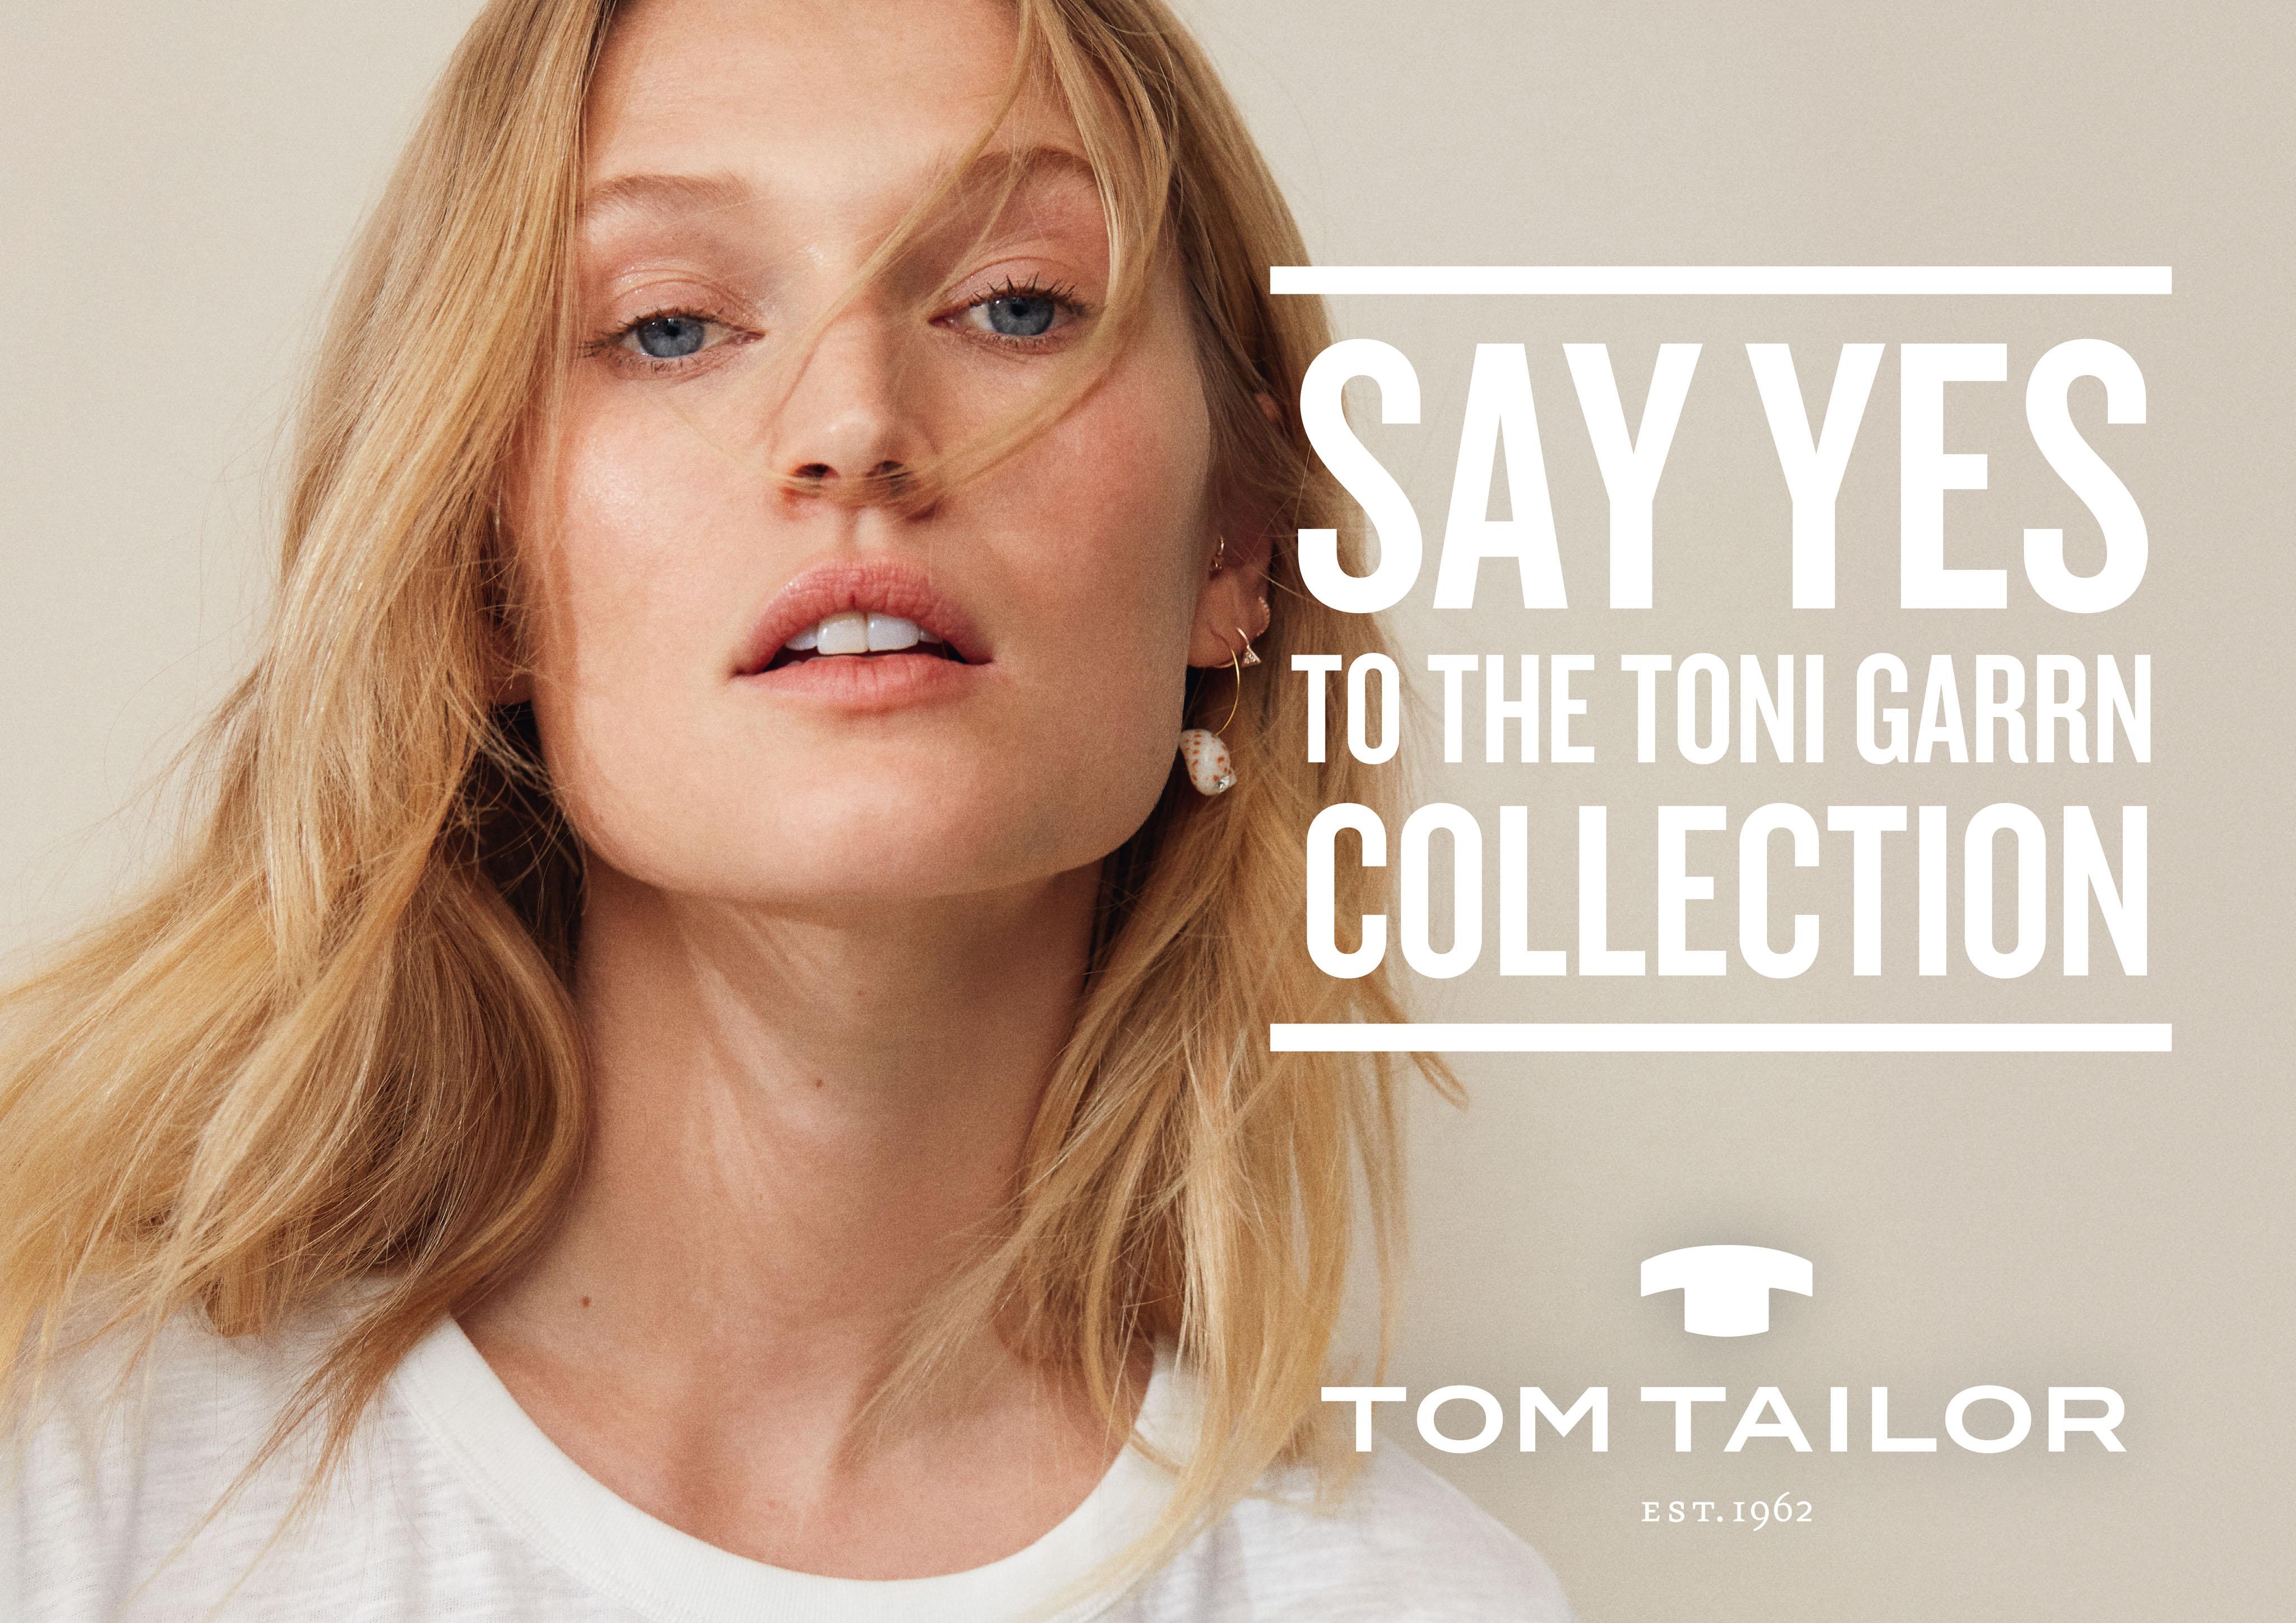 Нова ексклузивна колекция TONI GARRN в Tom Tailor